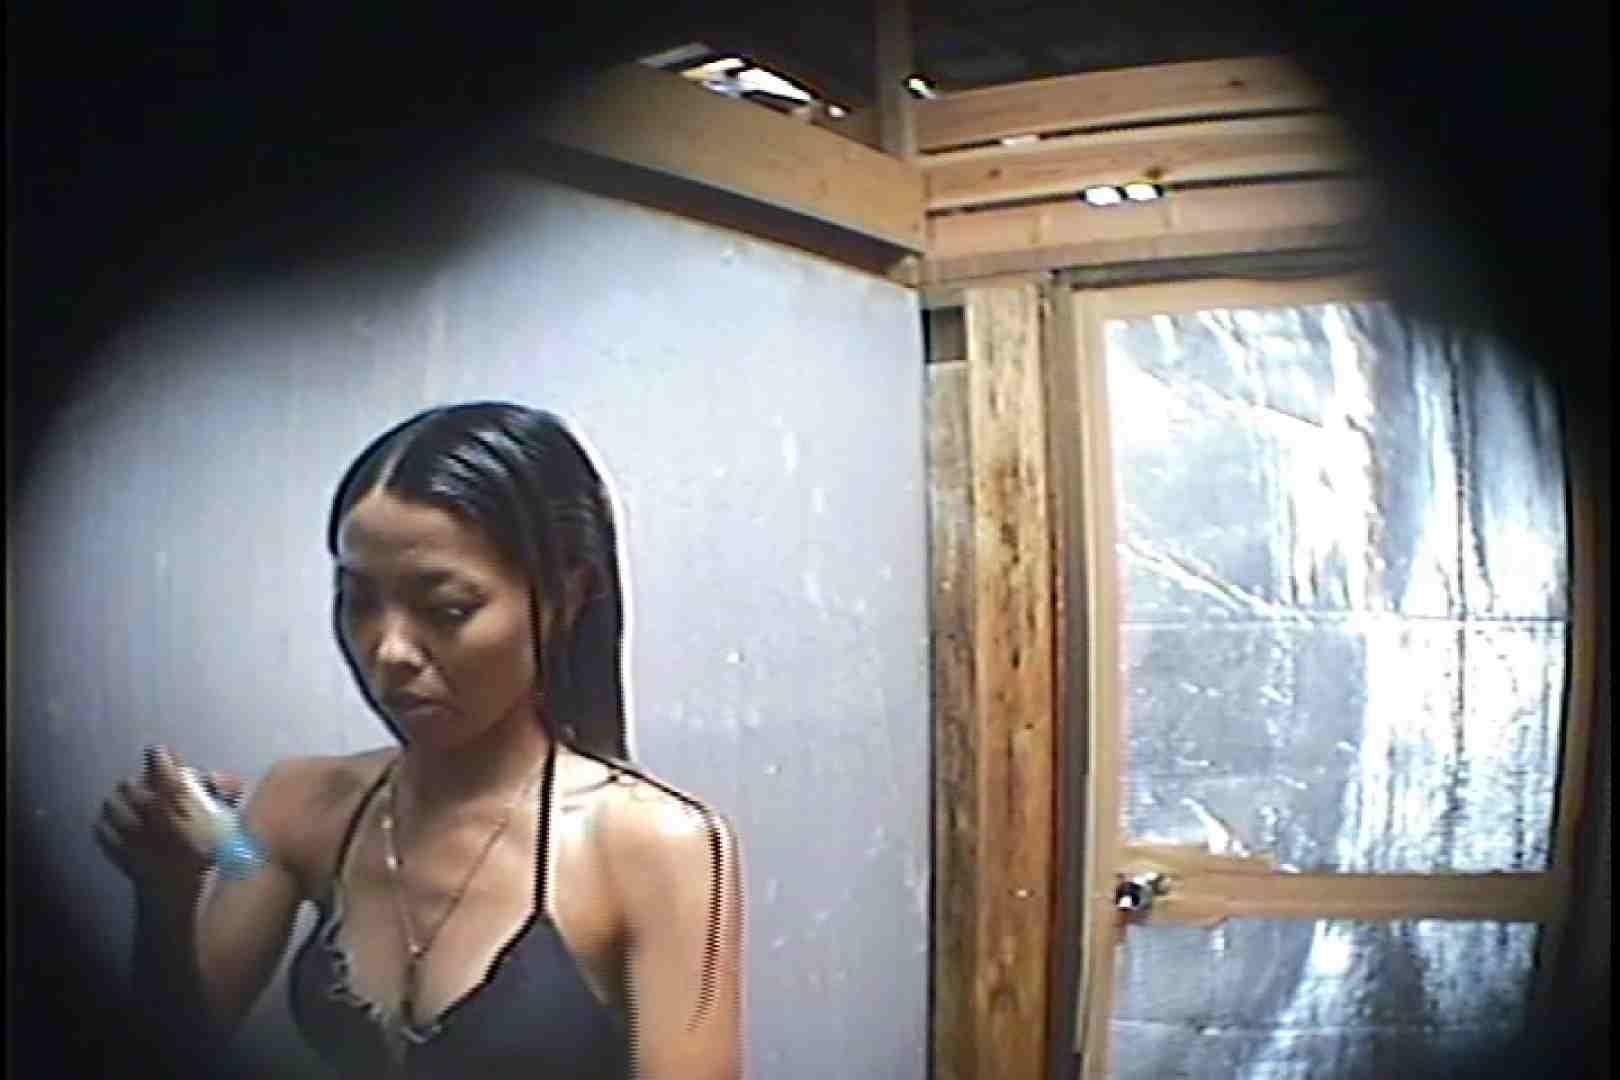 海の家の更衣室 Vol.45 シャワー中 | 美女達のヌード  64連発 40